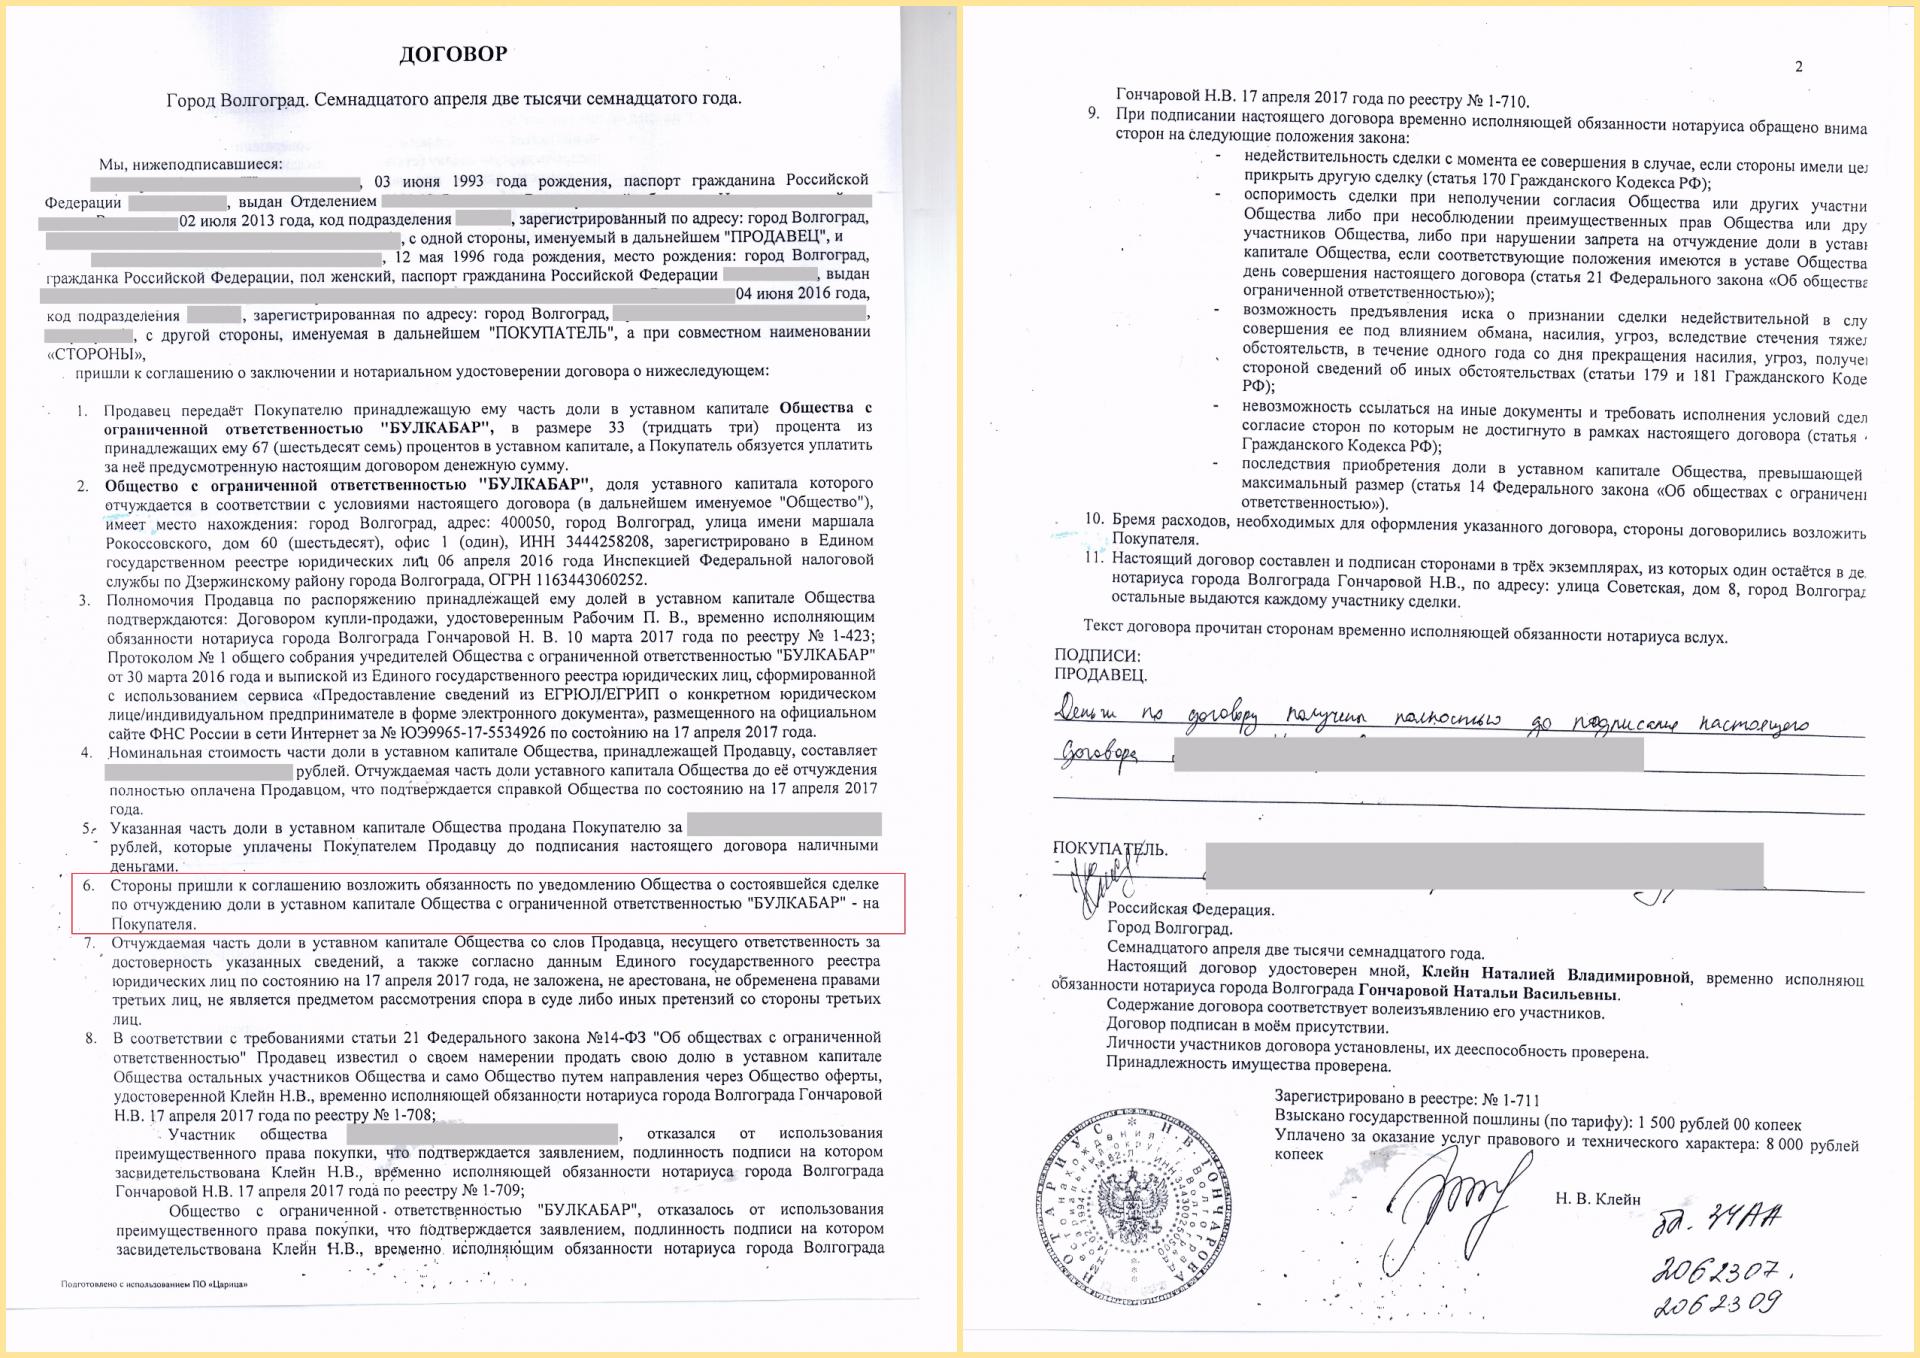 Регистрация в егрюл продажи доли в ооо решение ифнс о регистрации ооо